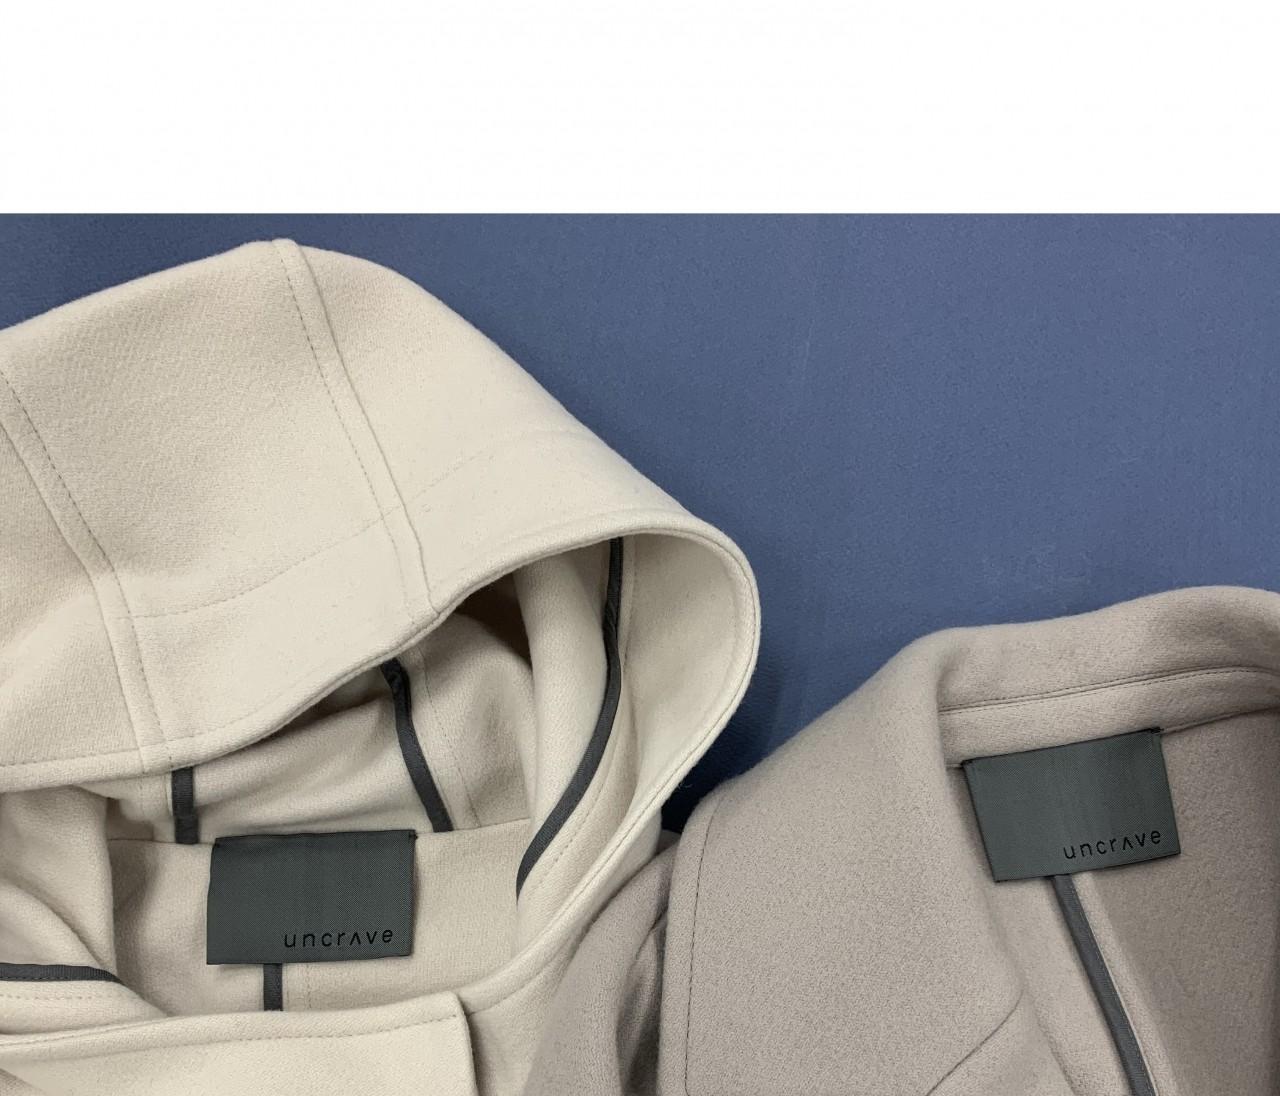 アンクレイヴ 機能・洒落感・安定感の3拍子揃ったコートを大人買い!【エディターのおうち私物#201】